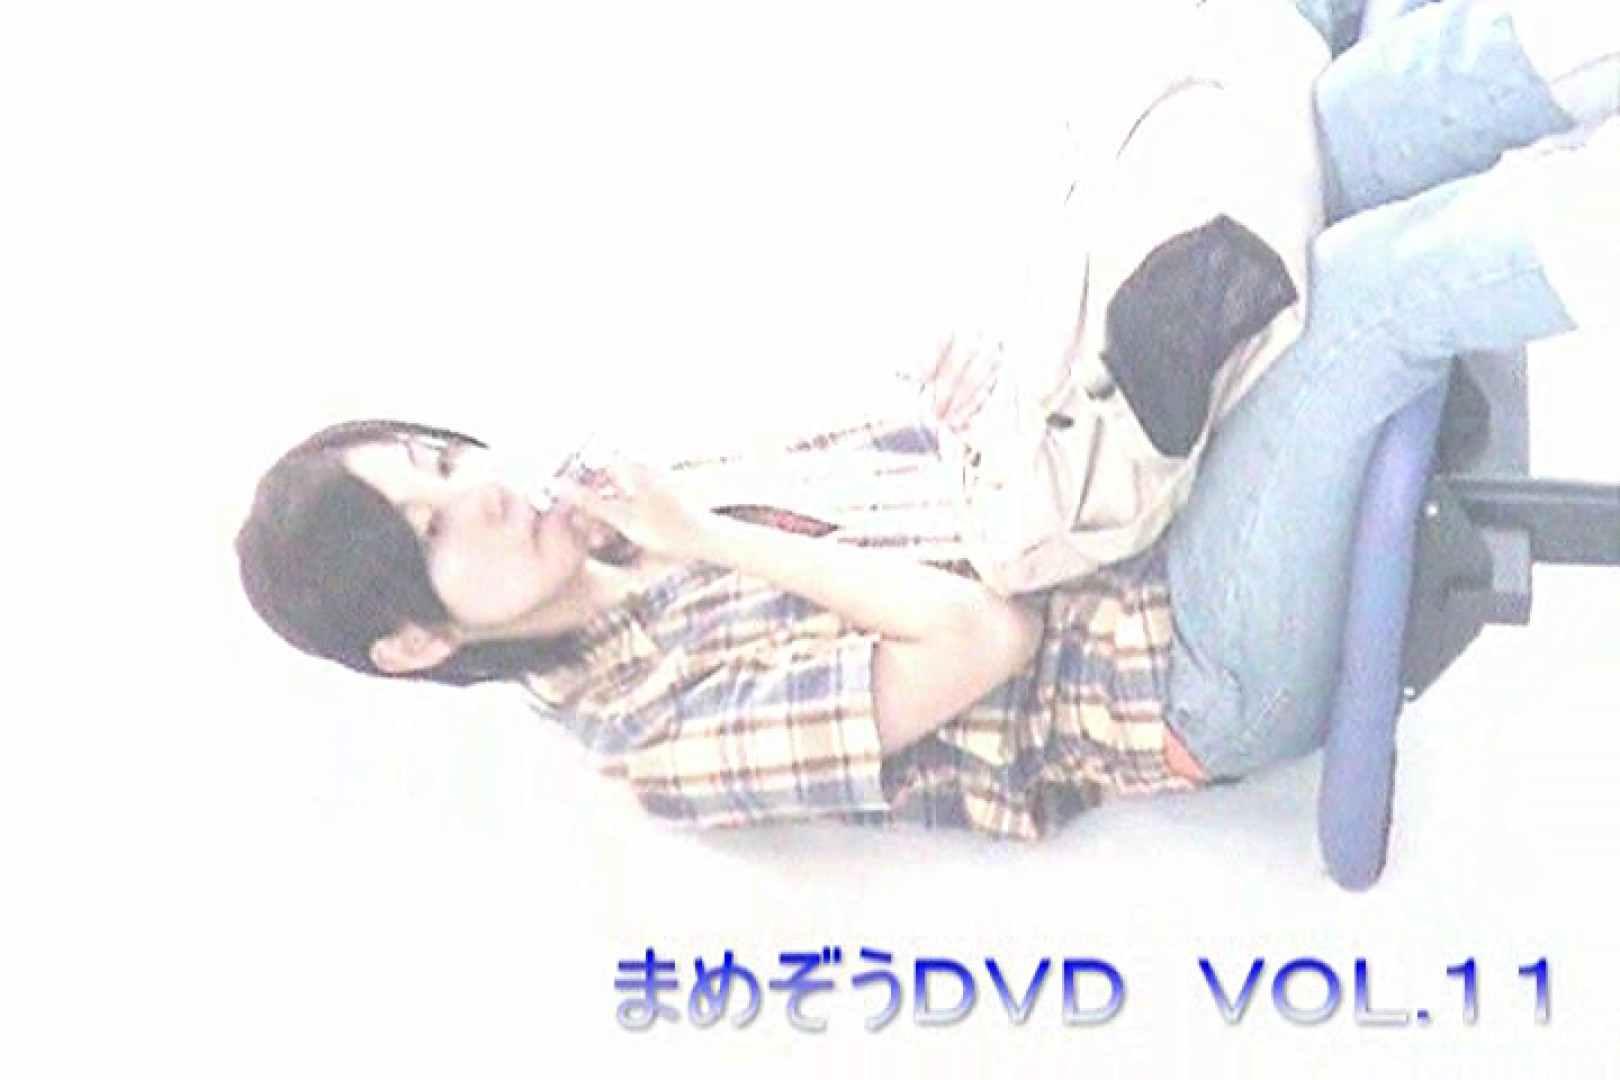 まめぞうDVD完全版VOL.11 ギャル  74PIX 12